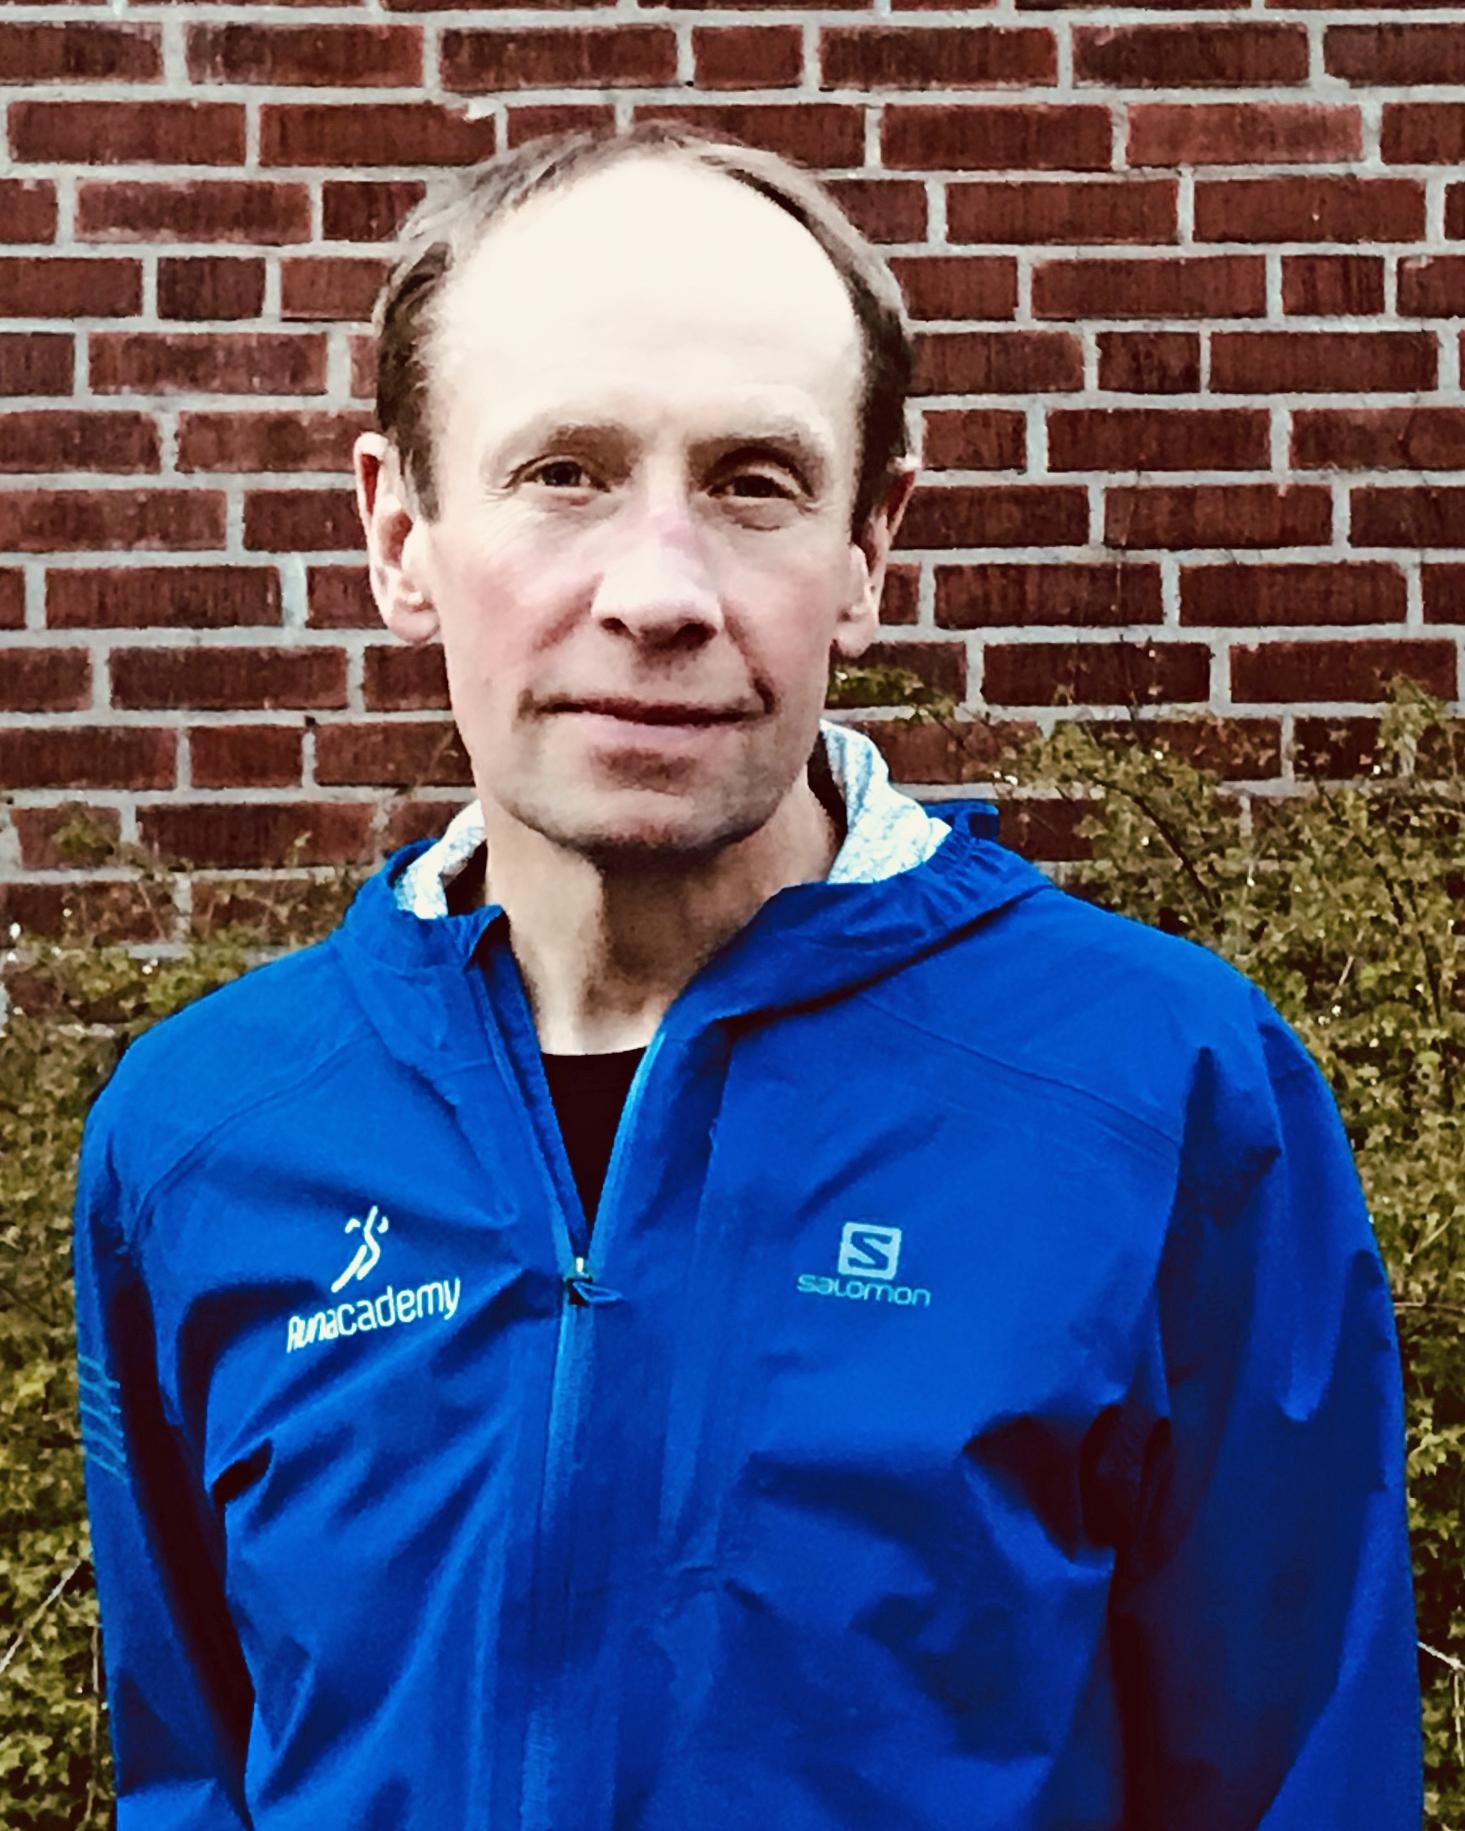 Mats Bergenhorn